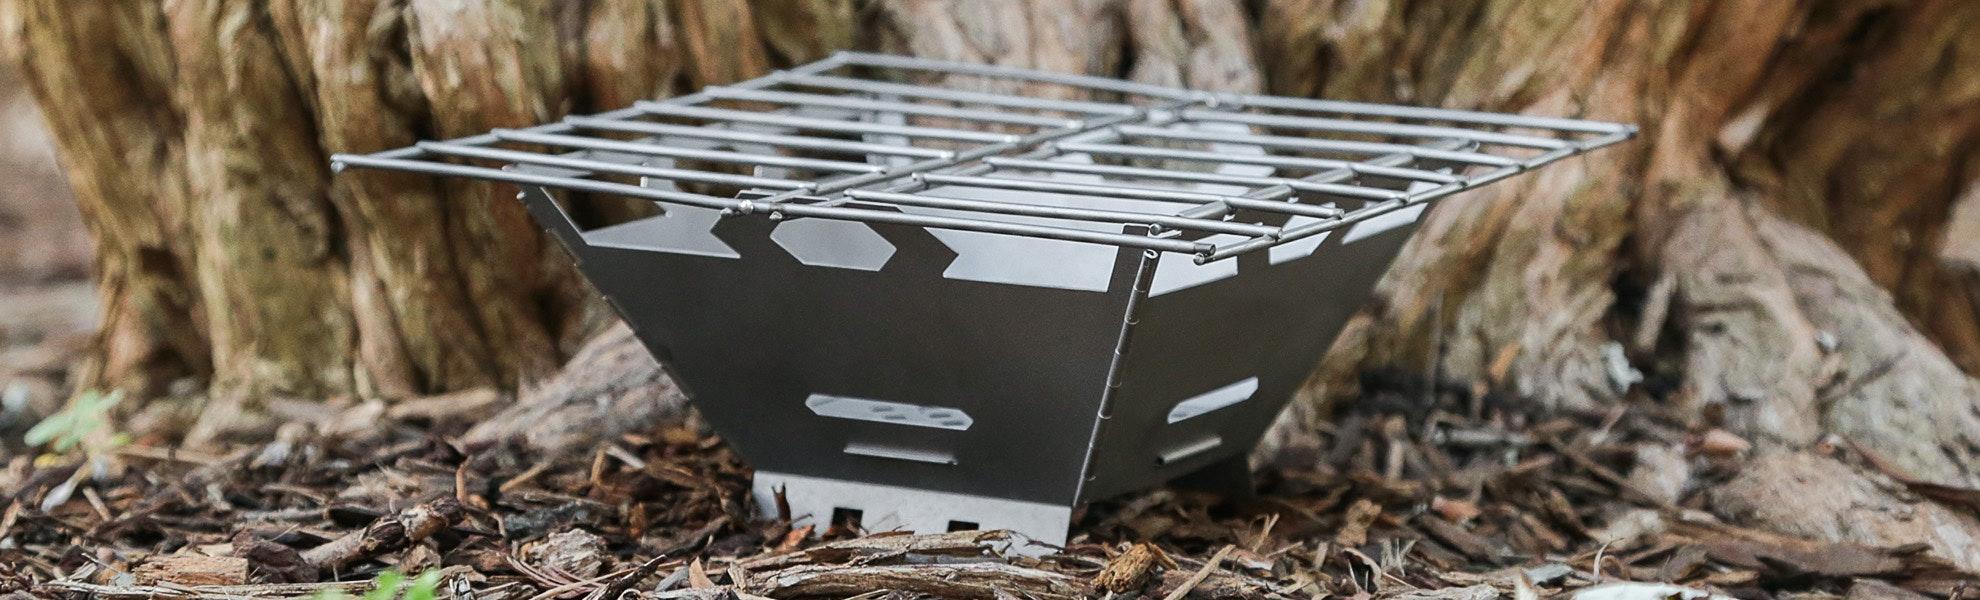 Vargo Fire Box Grill